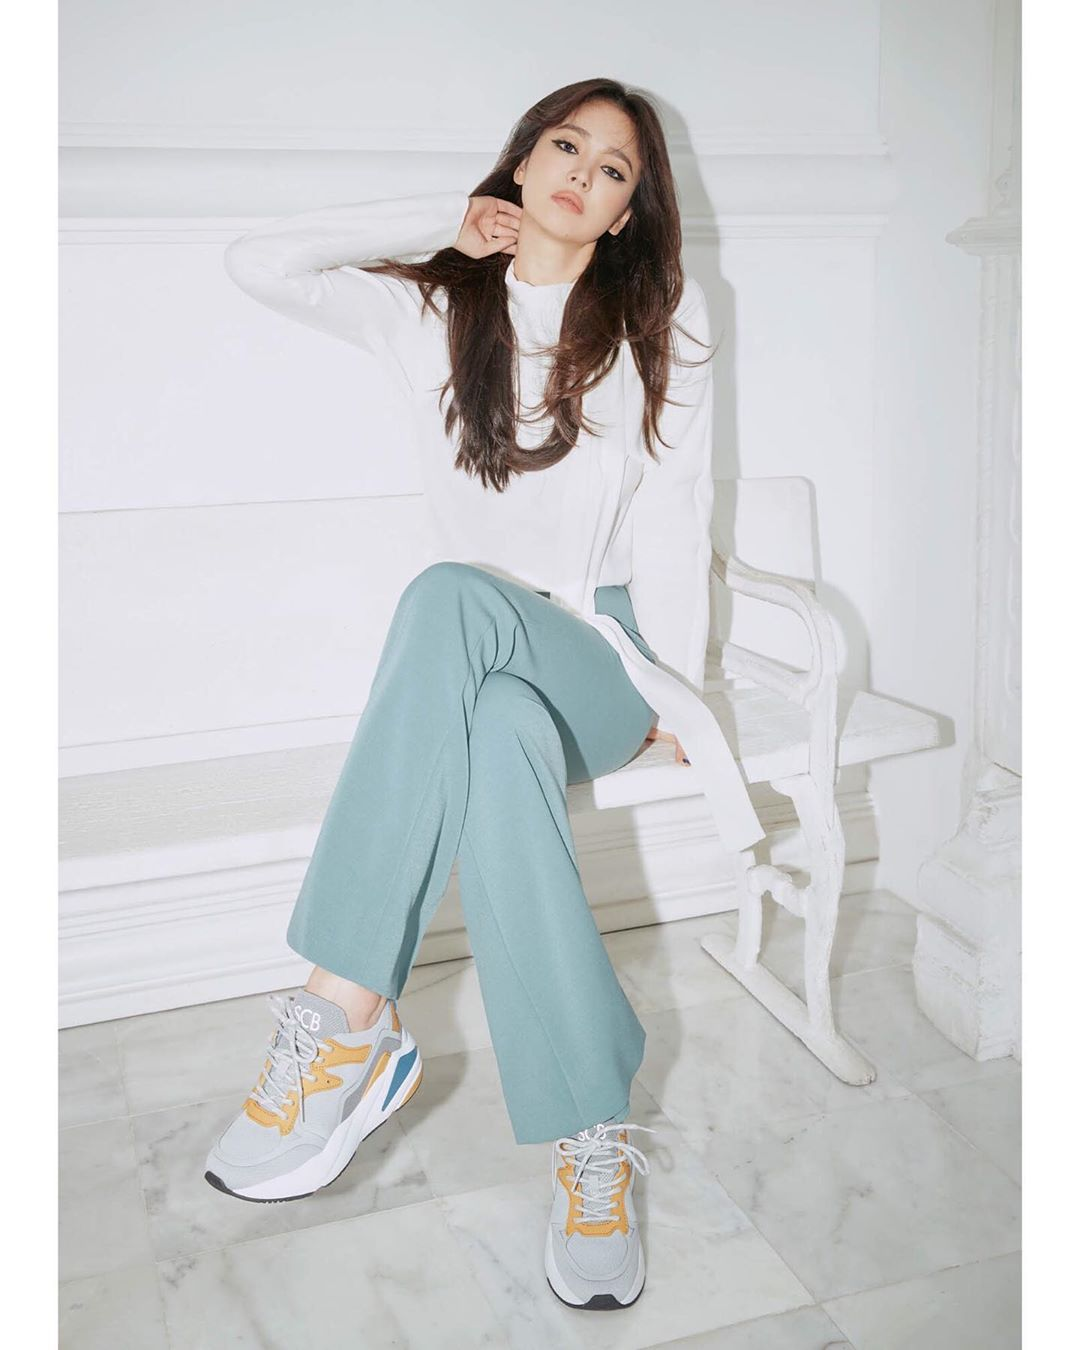 song hye kyo 2019 post 2